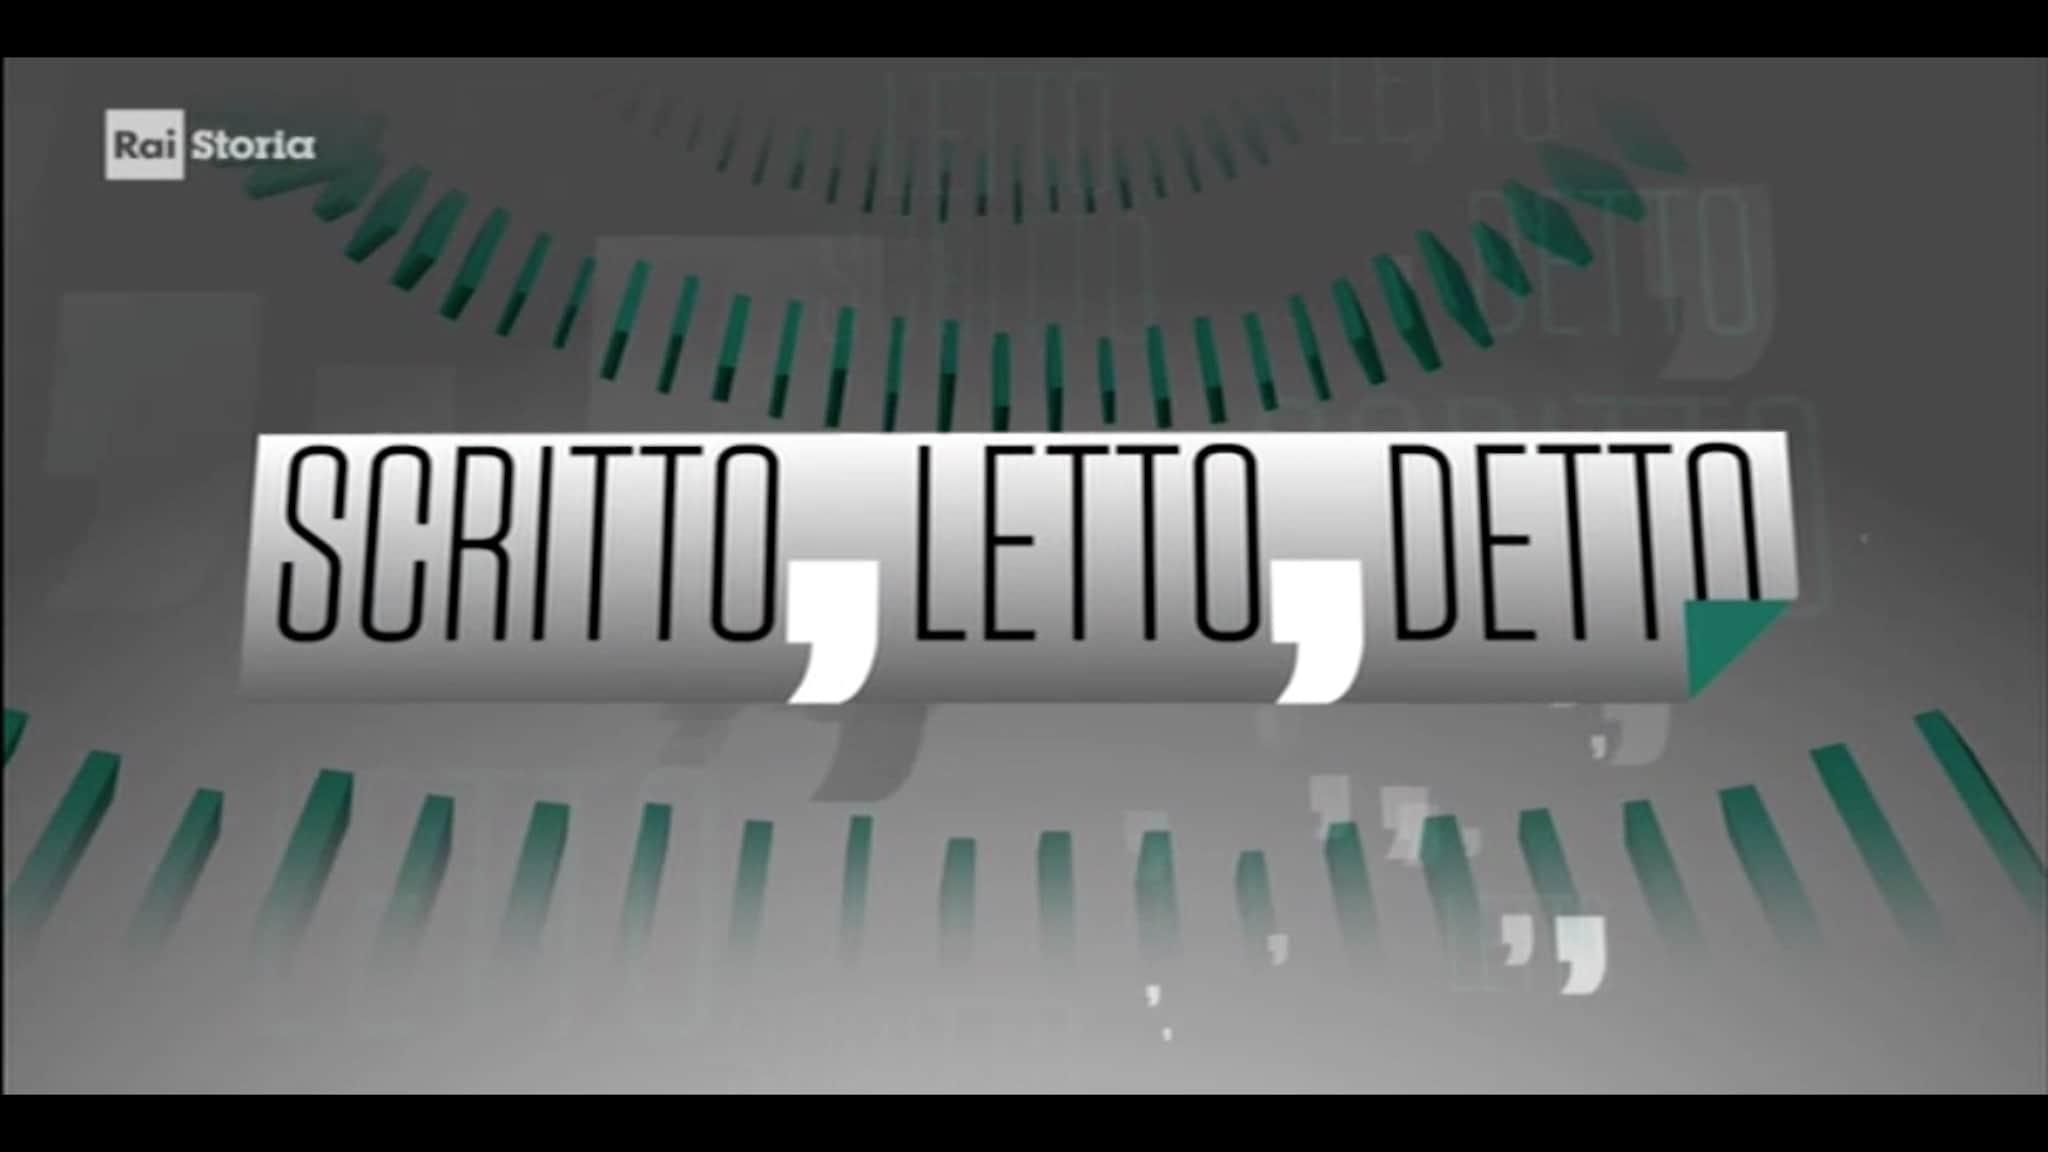 Rai Storia Scritto, letto, detto: Emilio Gentile